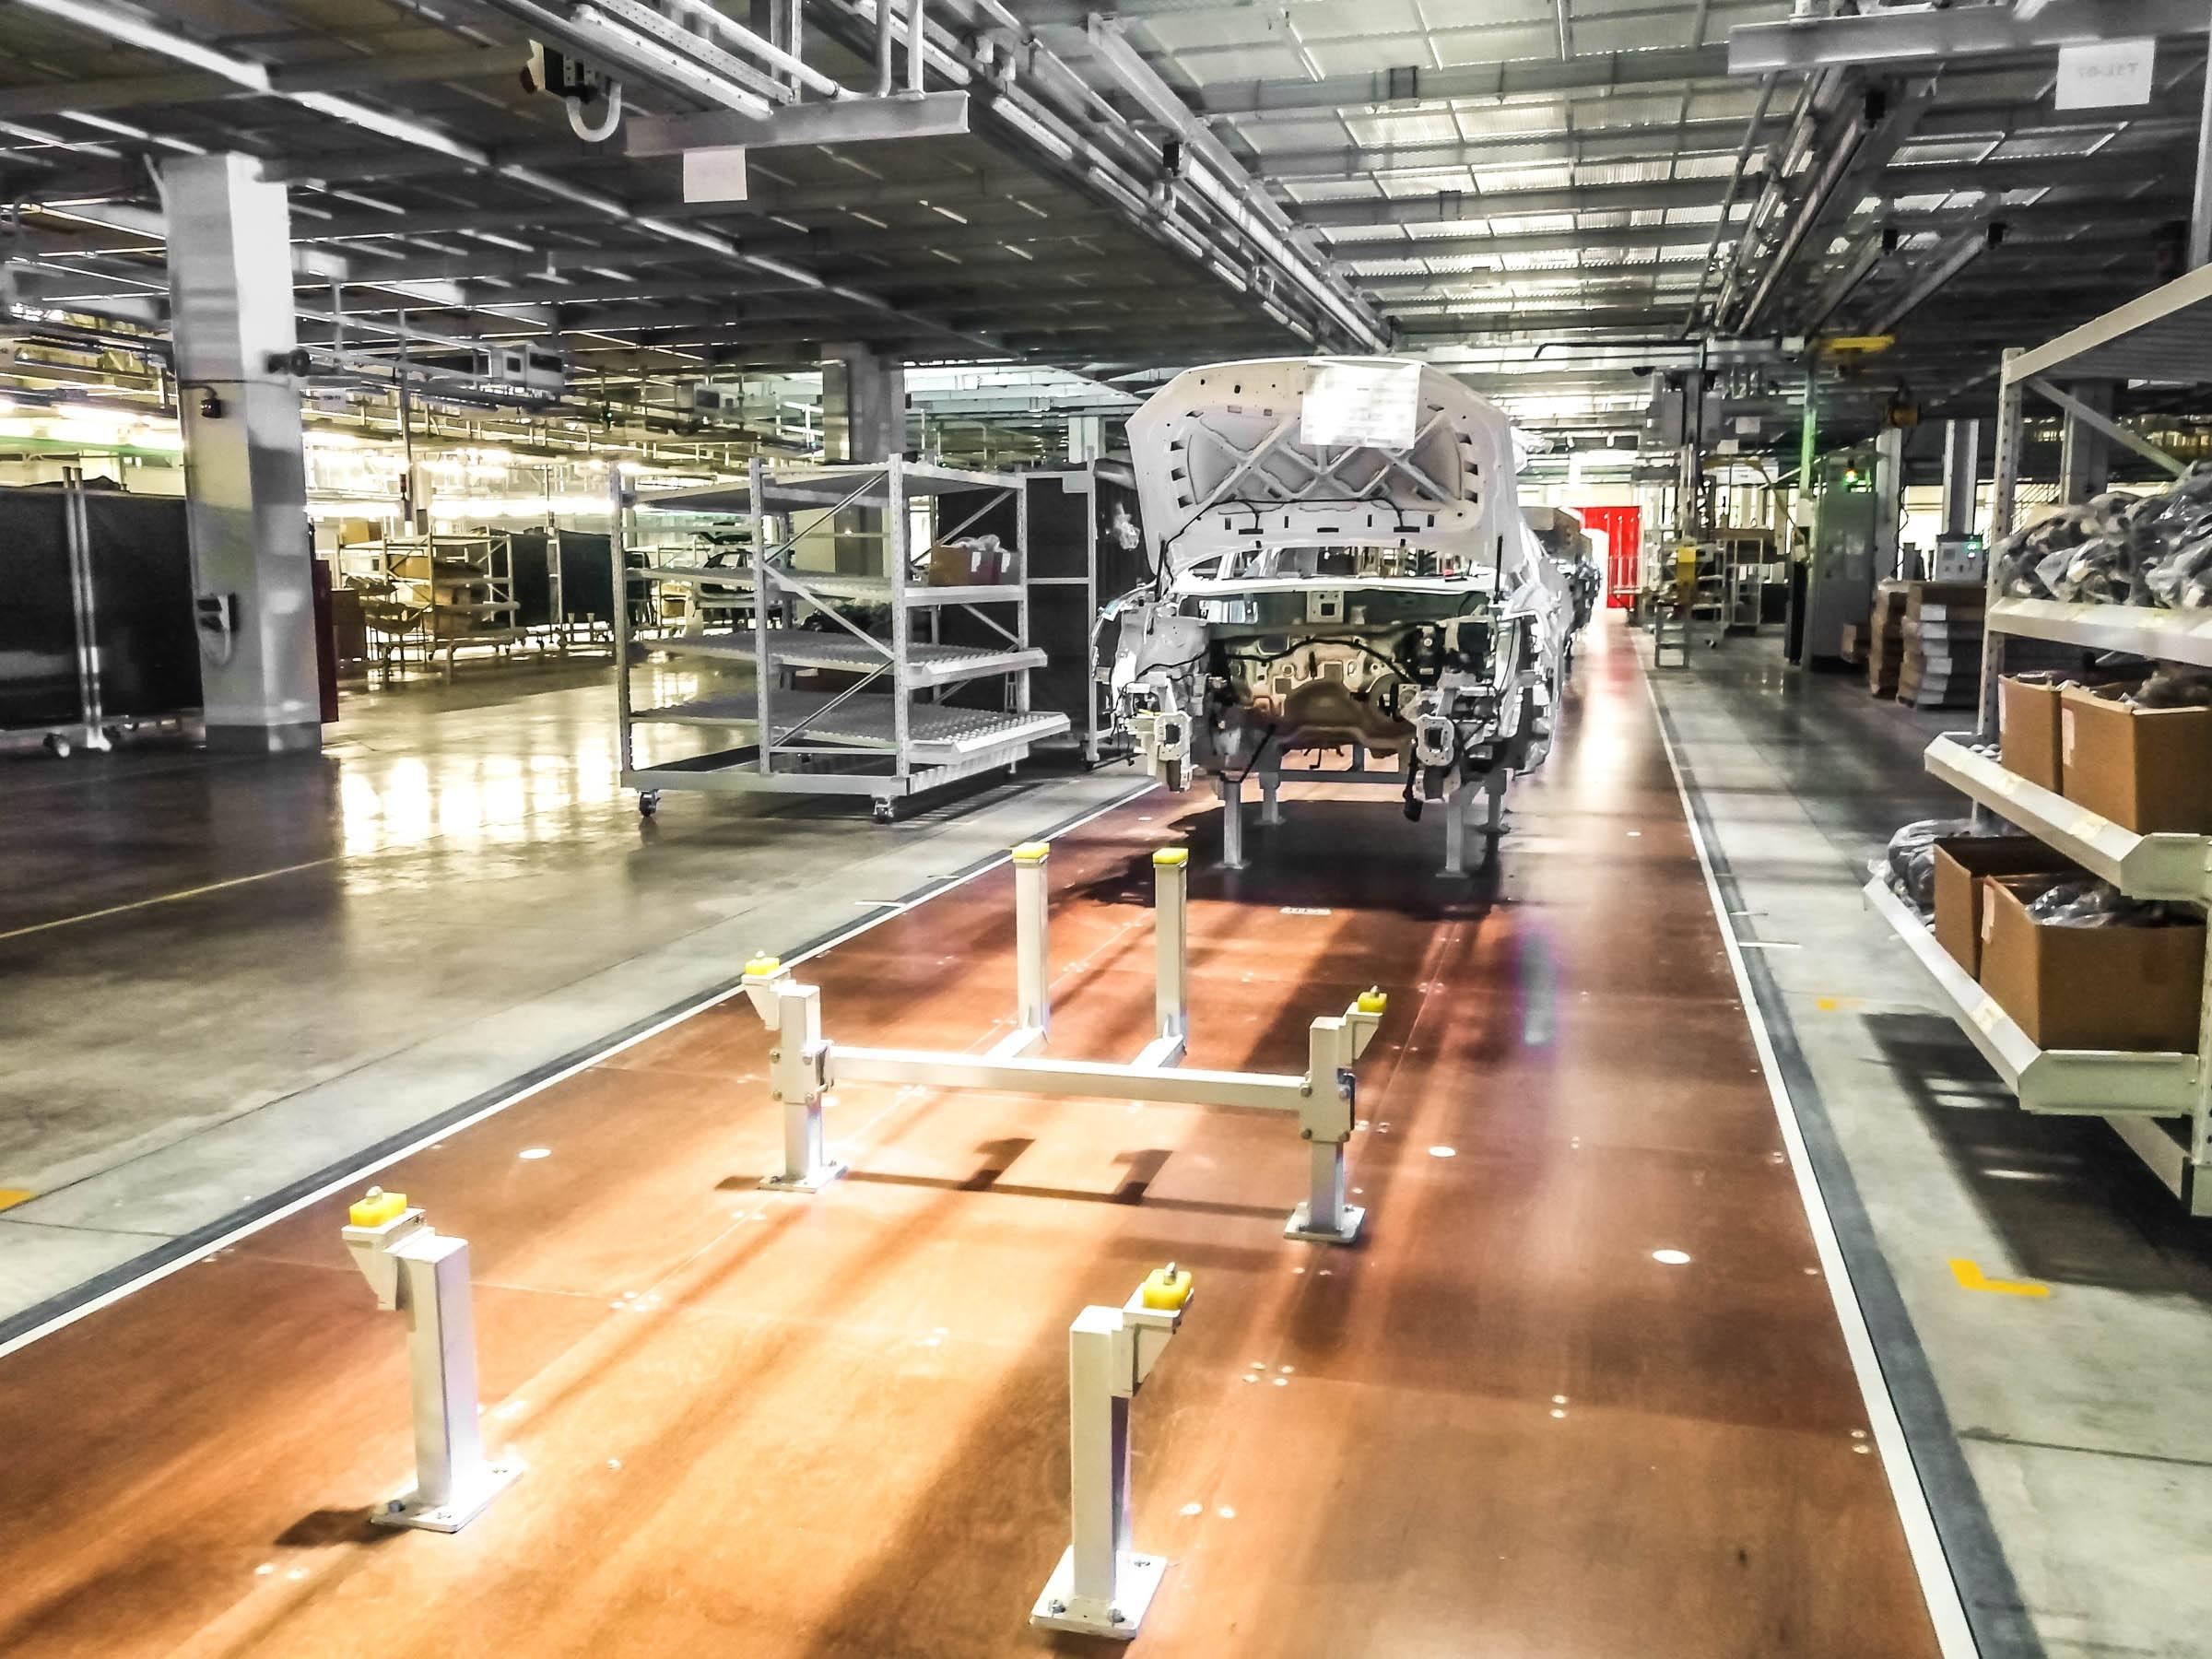 Сейчас на завод Great Wall в Тульской области активно набирают персонал. На сайте HH.RU обнаруживаем несколько десятков вакансий. К примеру, оператор производственной линии в цехе сварки, окраски или сборки сможет заработать лишь